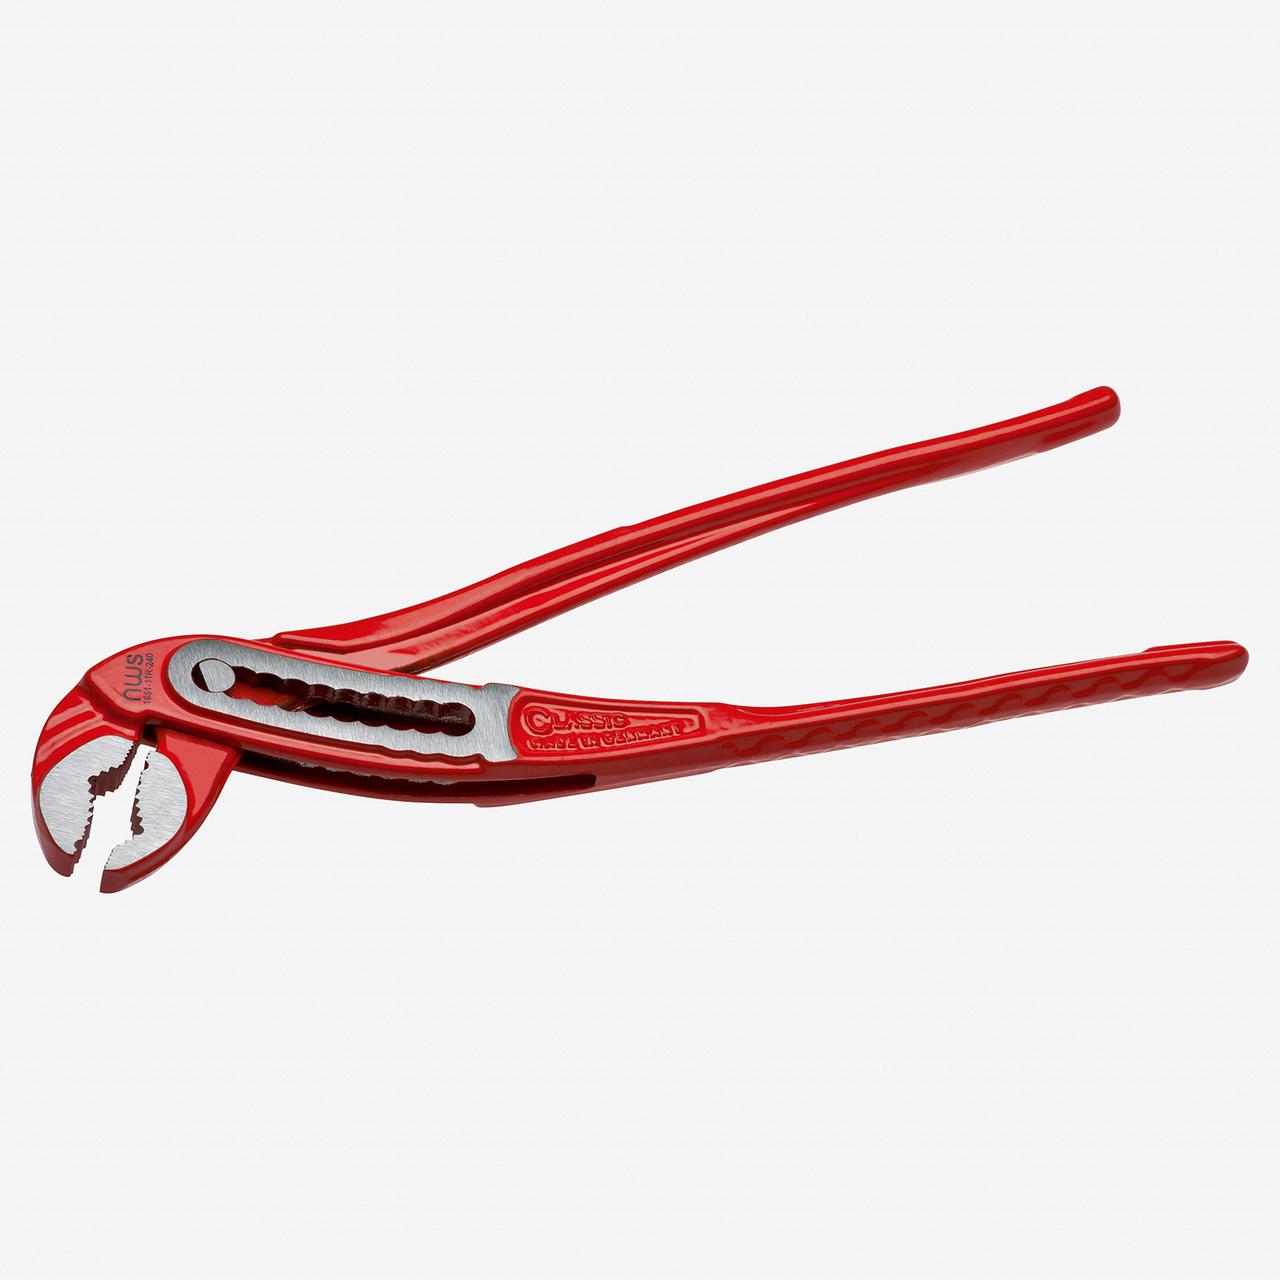 """NWS 1651-11R-300 12"""" Waterpump Pliers ClassicPlus - Atramentized - Plastic Grip - KC Tool"""